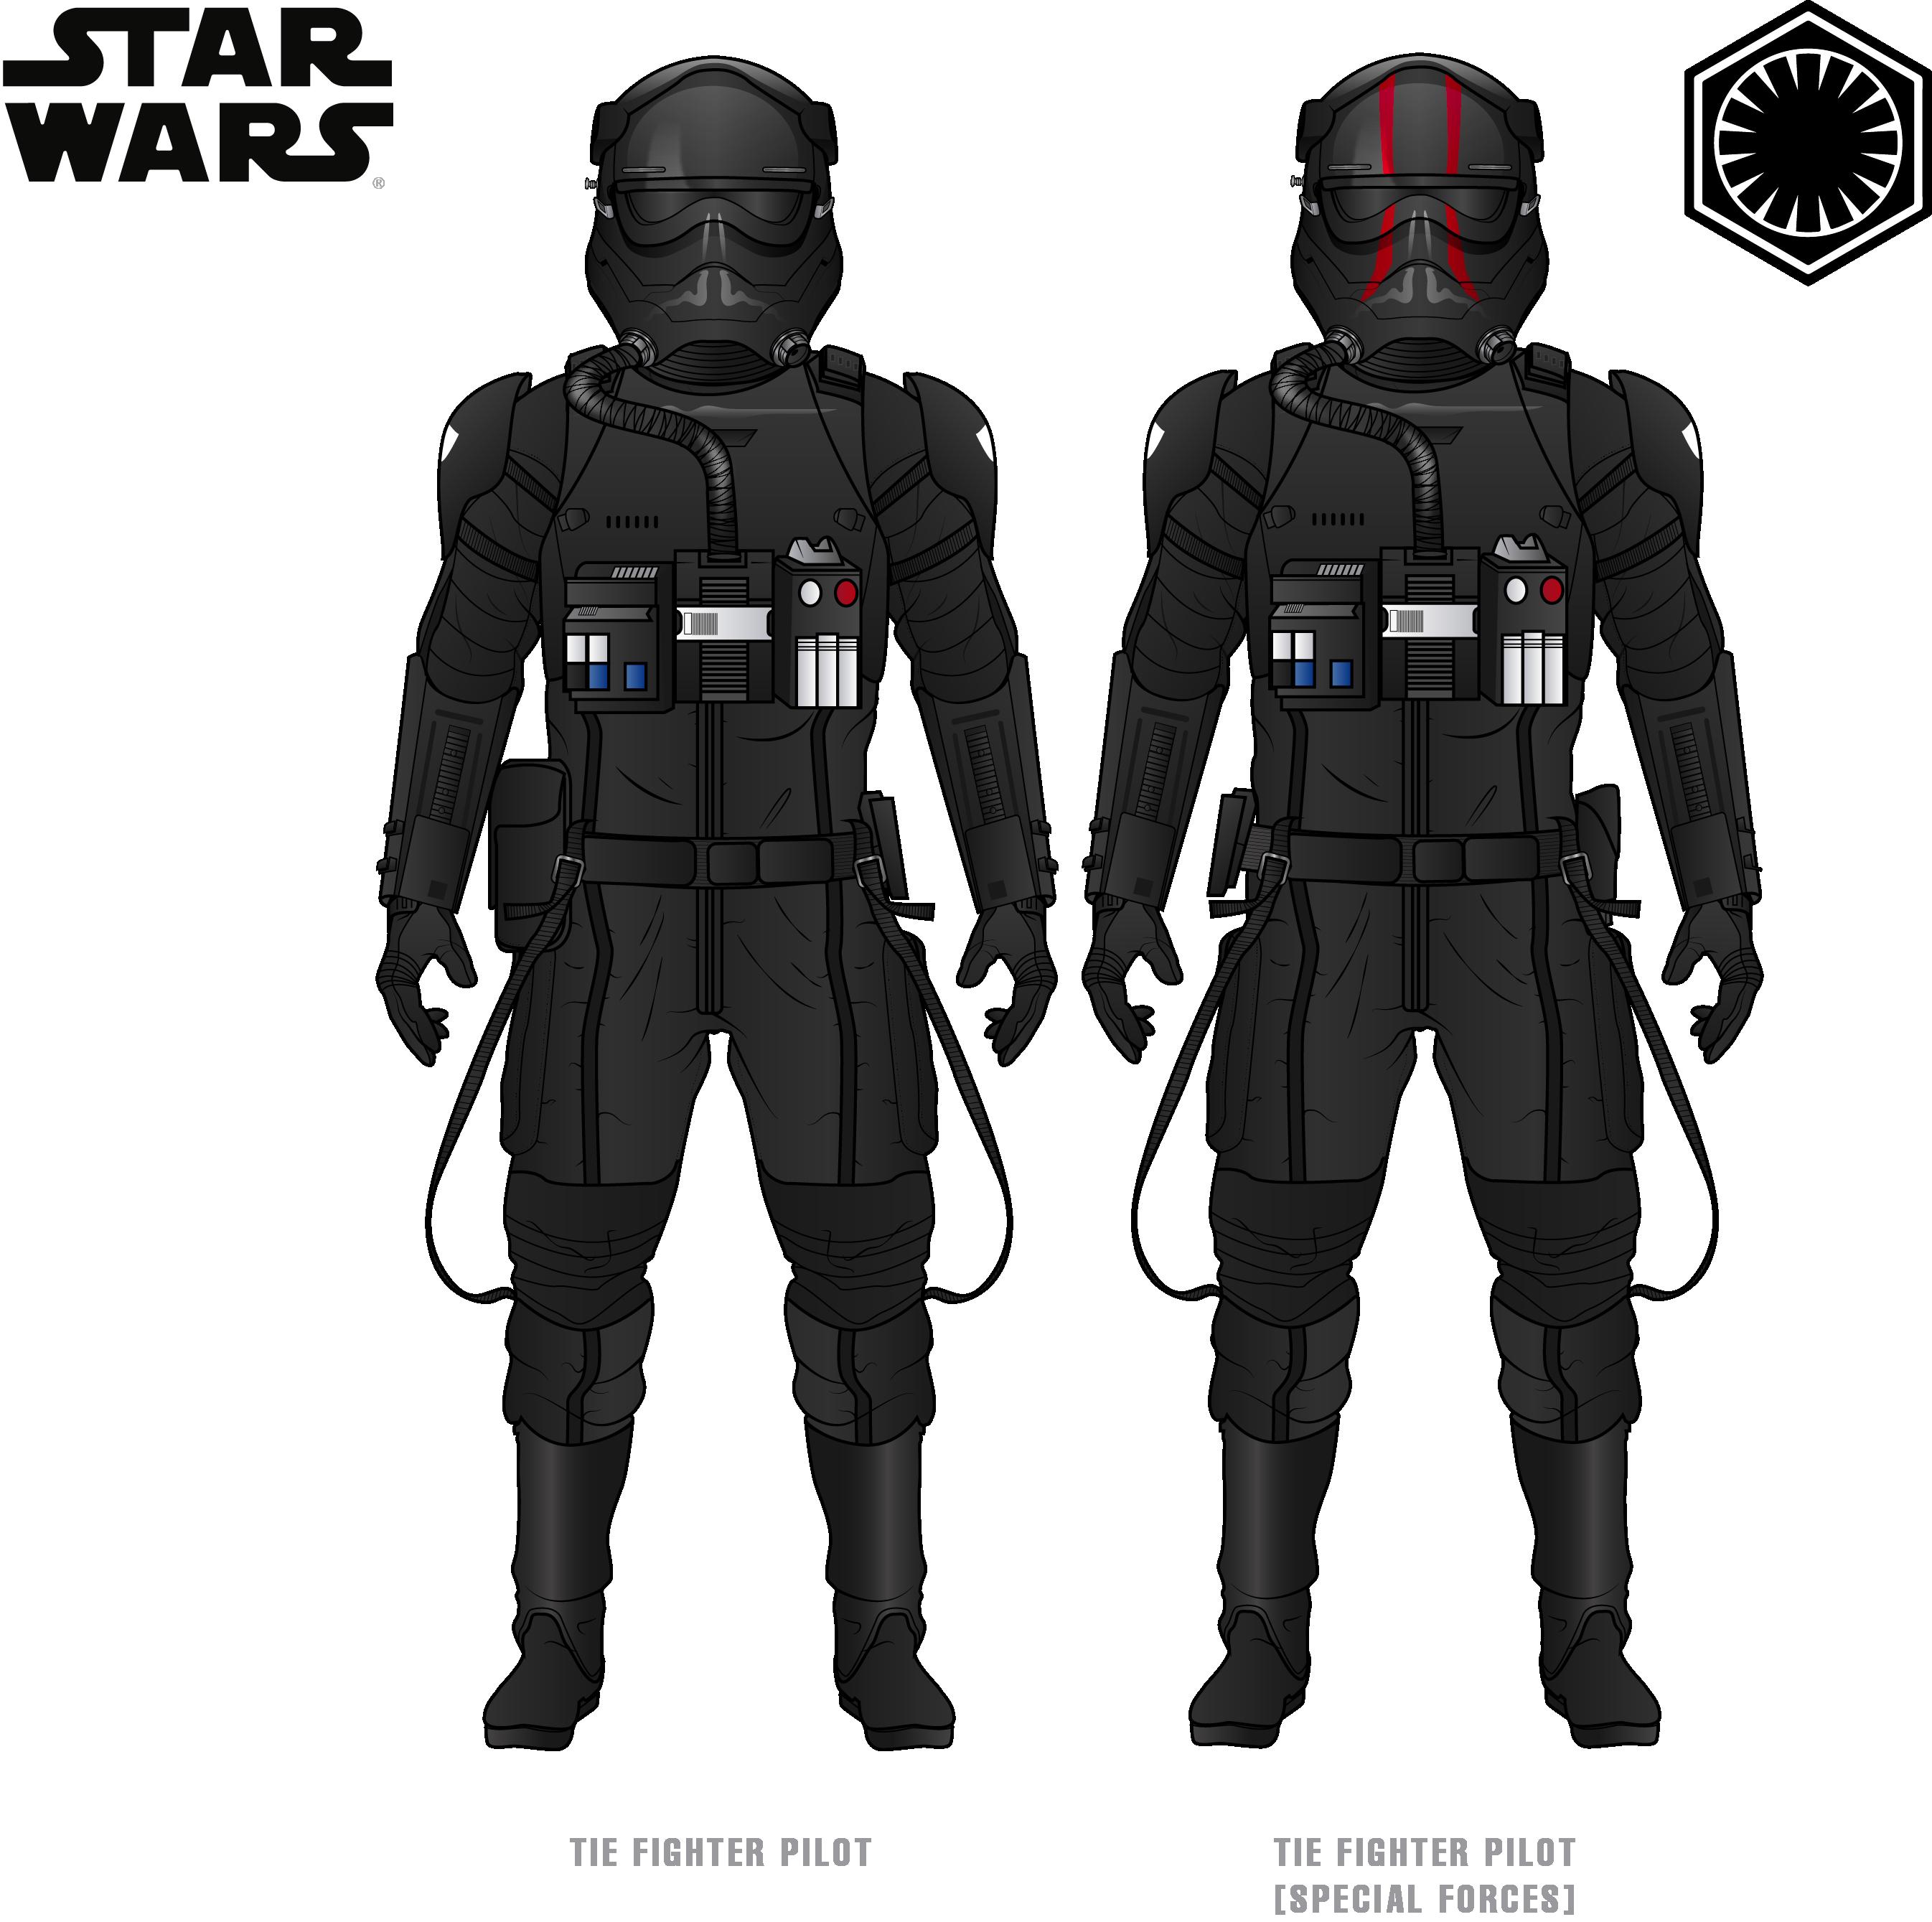 Clone Trooper Pilot Arc Trooper Pilot Star Wars Clone Wars Star Wars Drawings Star Wars Trooper